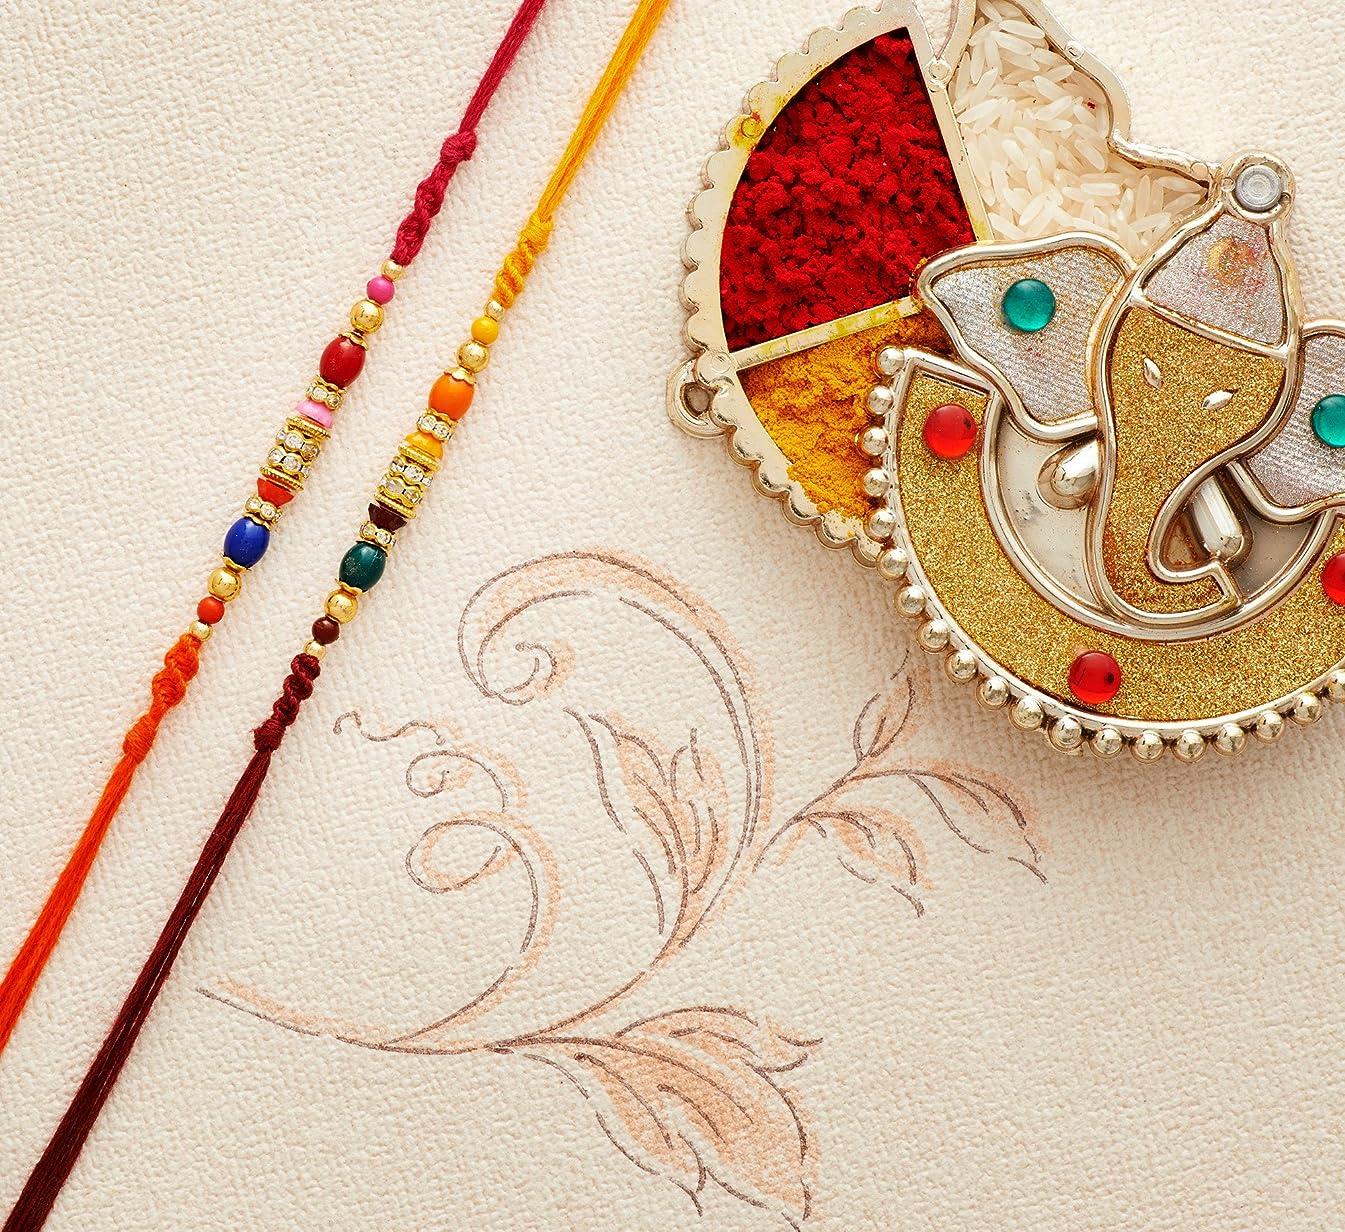 Set of 2 Rakhi Thread for Brother Bhaiya with Multicolor Beads Traditional Indian Festival of Rakhis Rakshabandhan Rakhee Bracelet (Design 5) lojviowkh4726997